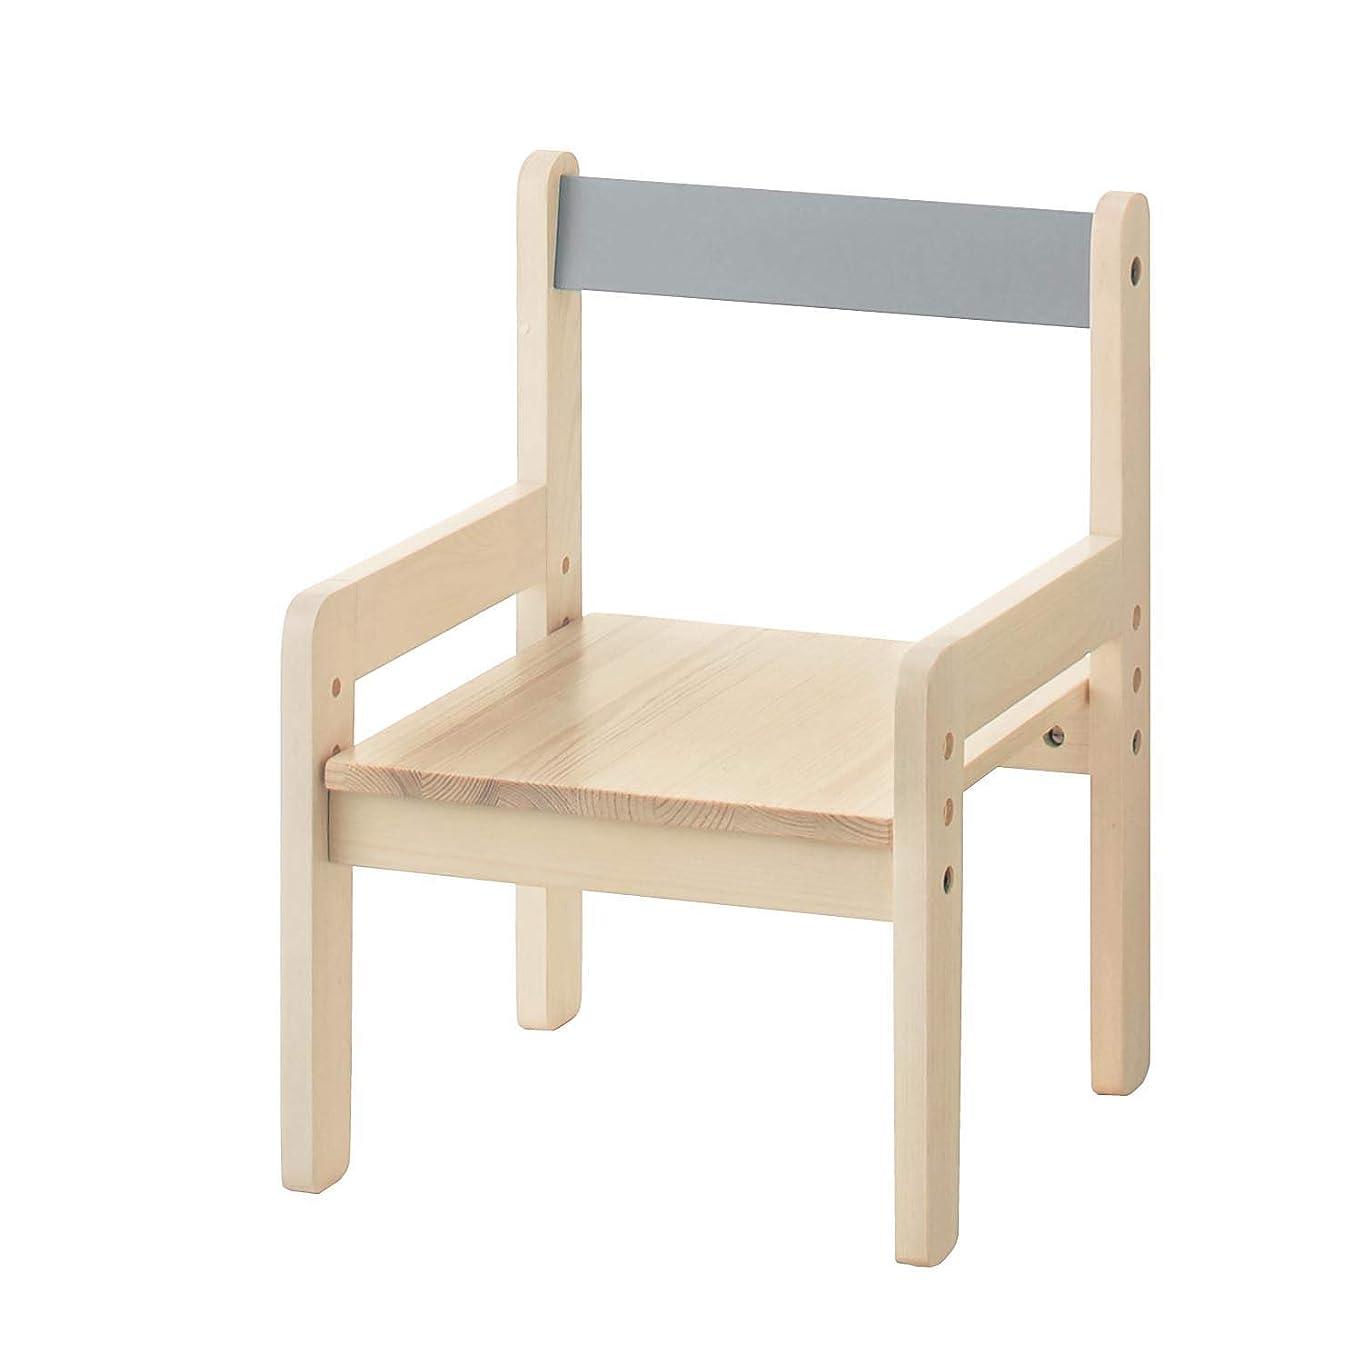 政権異邦人繁雑[ベルメゾン] 子ども 椅子 3段階 高さ調節 グレー